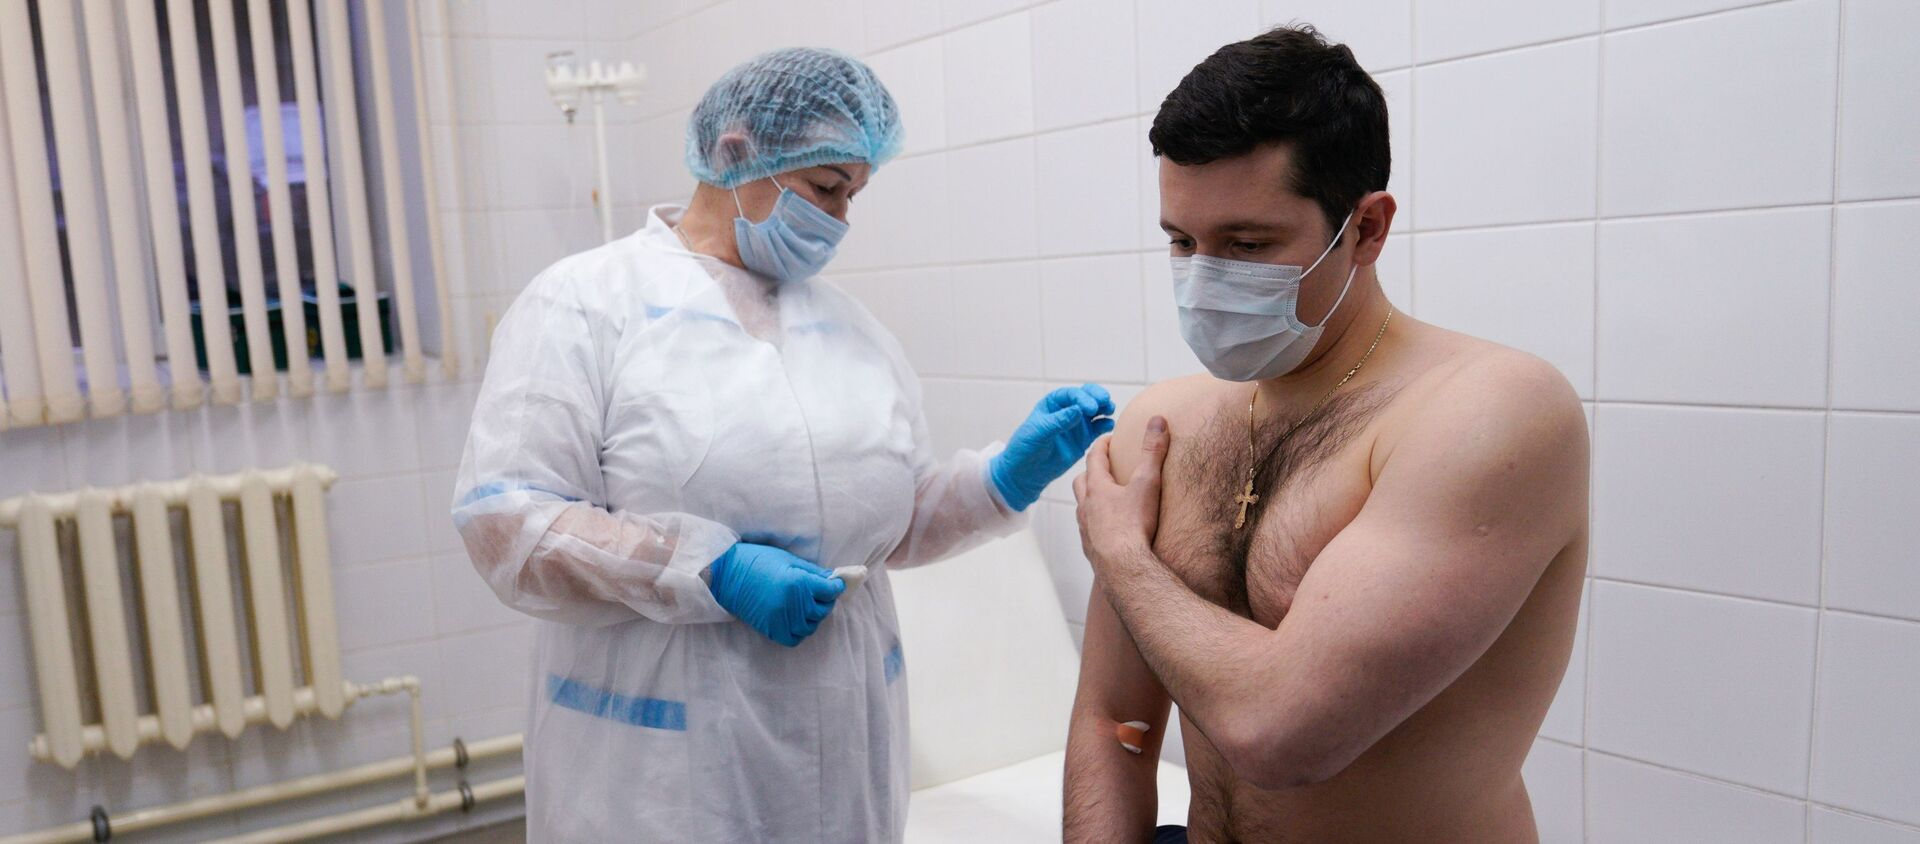 Gubernator obwodu kaliningradzkiego Anton Alichanow podczas szczepienia na SARS-CoV-2 szczepionką EpiVacCorona. - Sputnik Polska, 1920, 26.02.2021